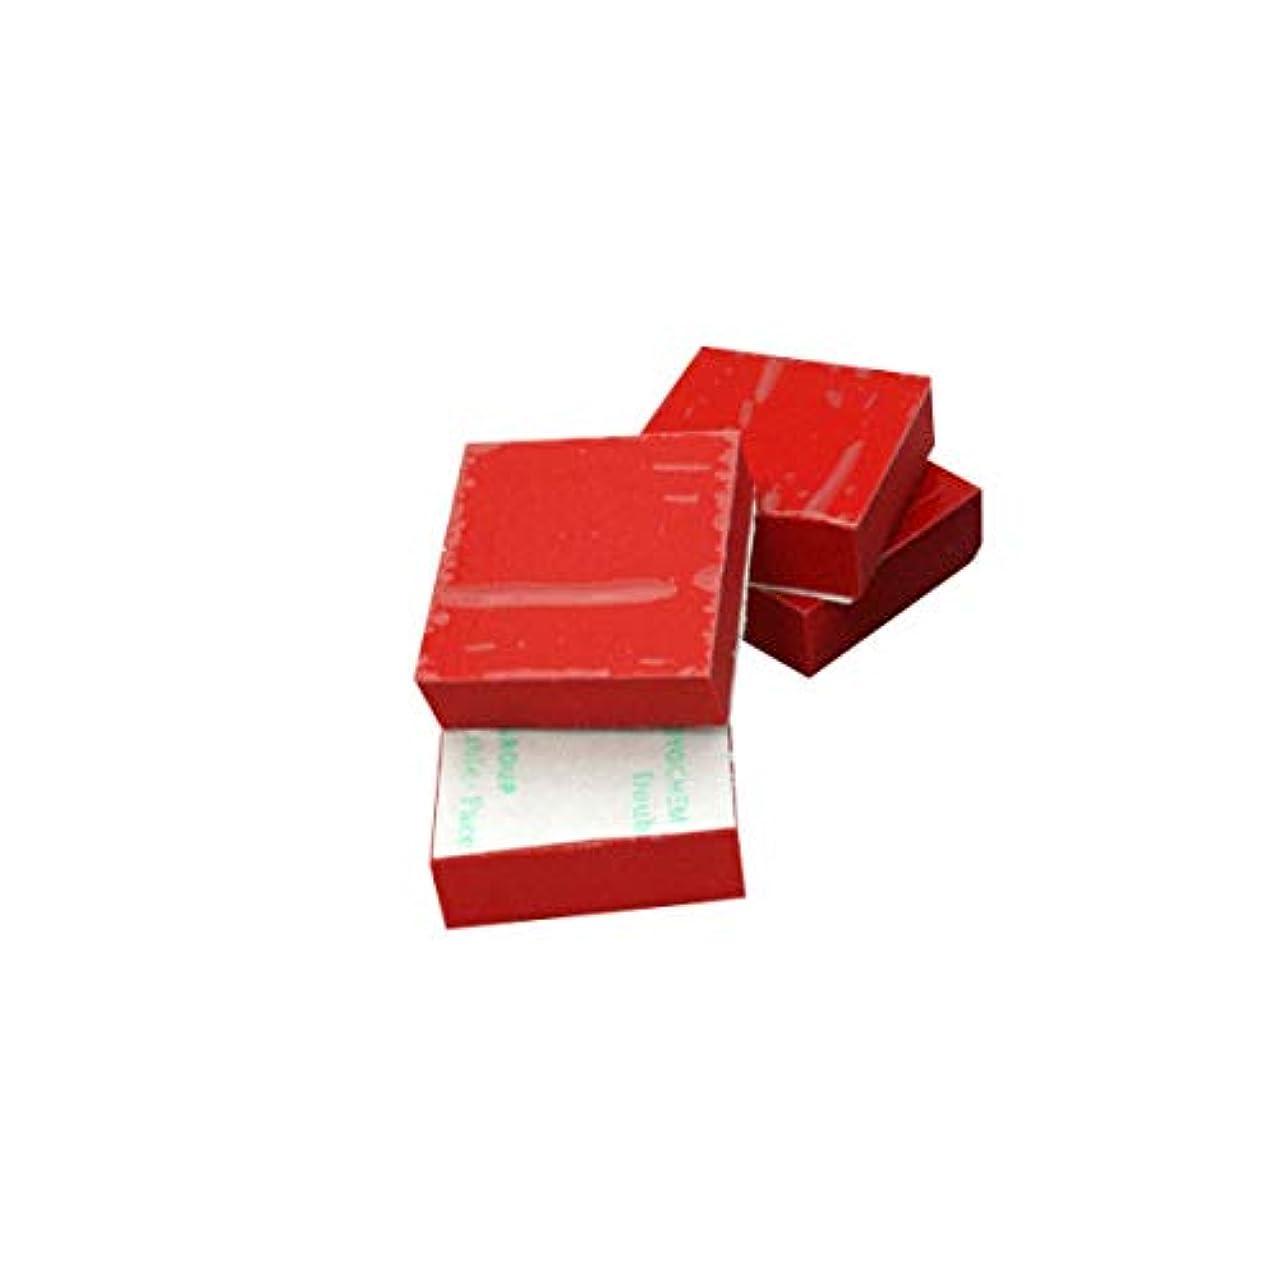 いたずら注入する行PRO CABLE CSRB1-RD3-4 (レッド) インシュレーター オーディオ用 ソルボセイン 3cm角 1cm厚 【4枚セット 粘着テープあり 赤色】 プロケーブル